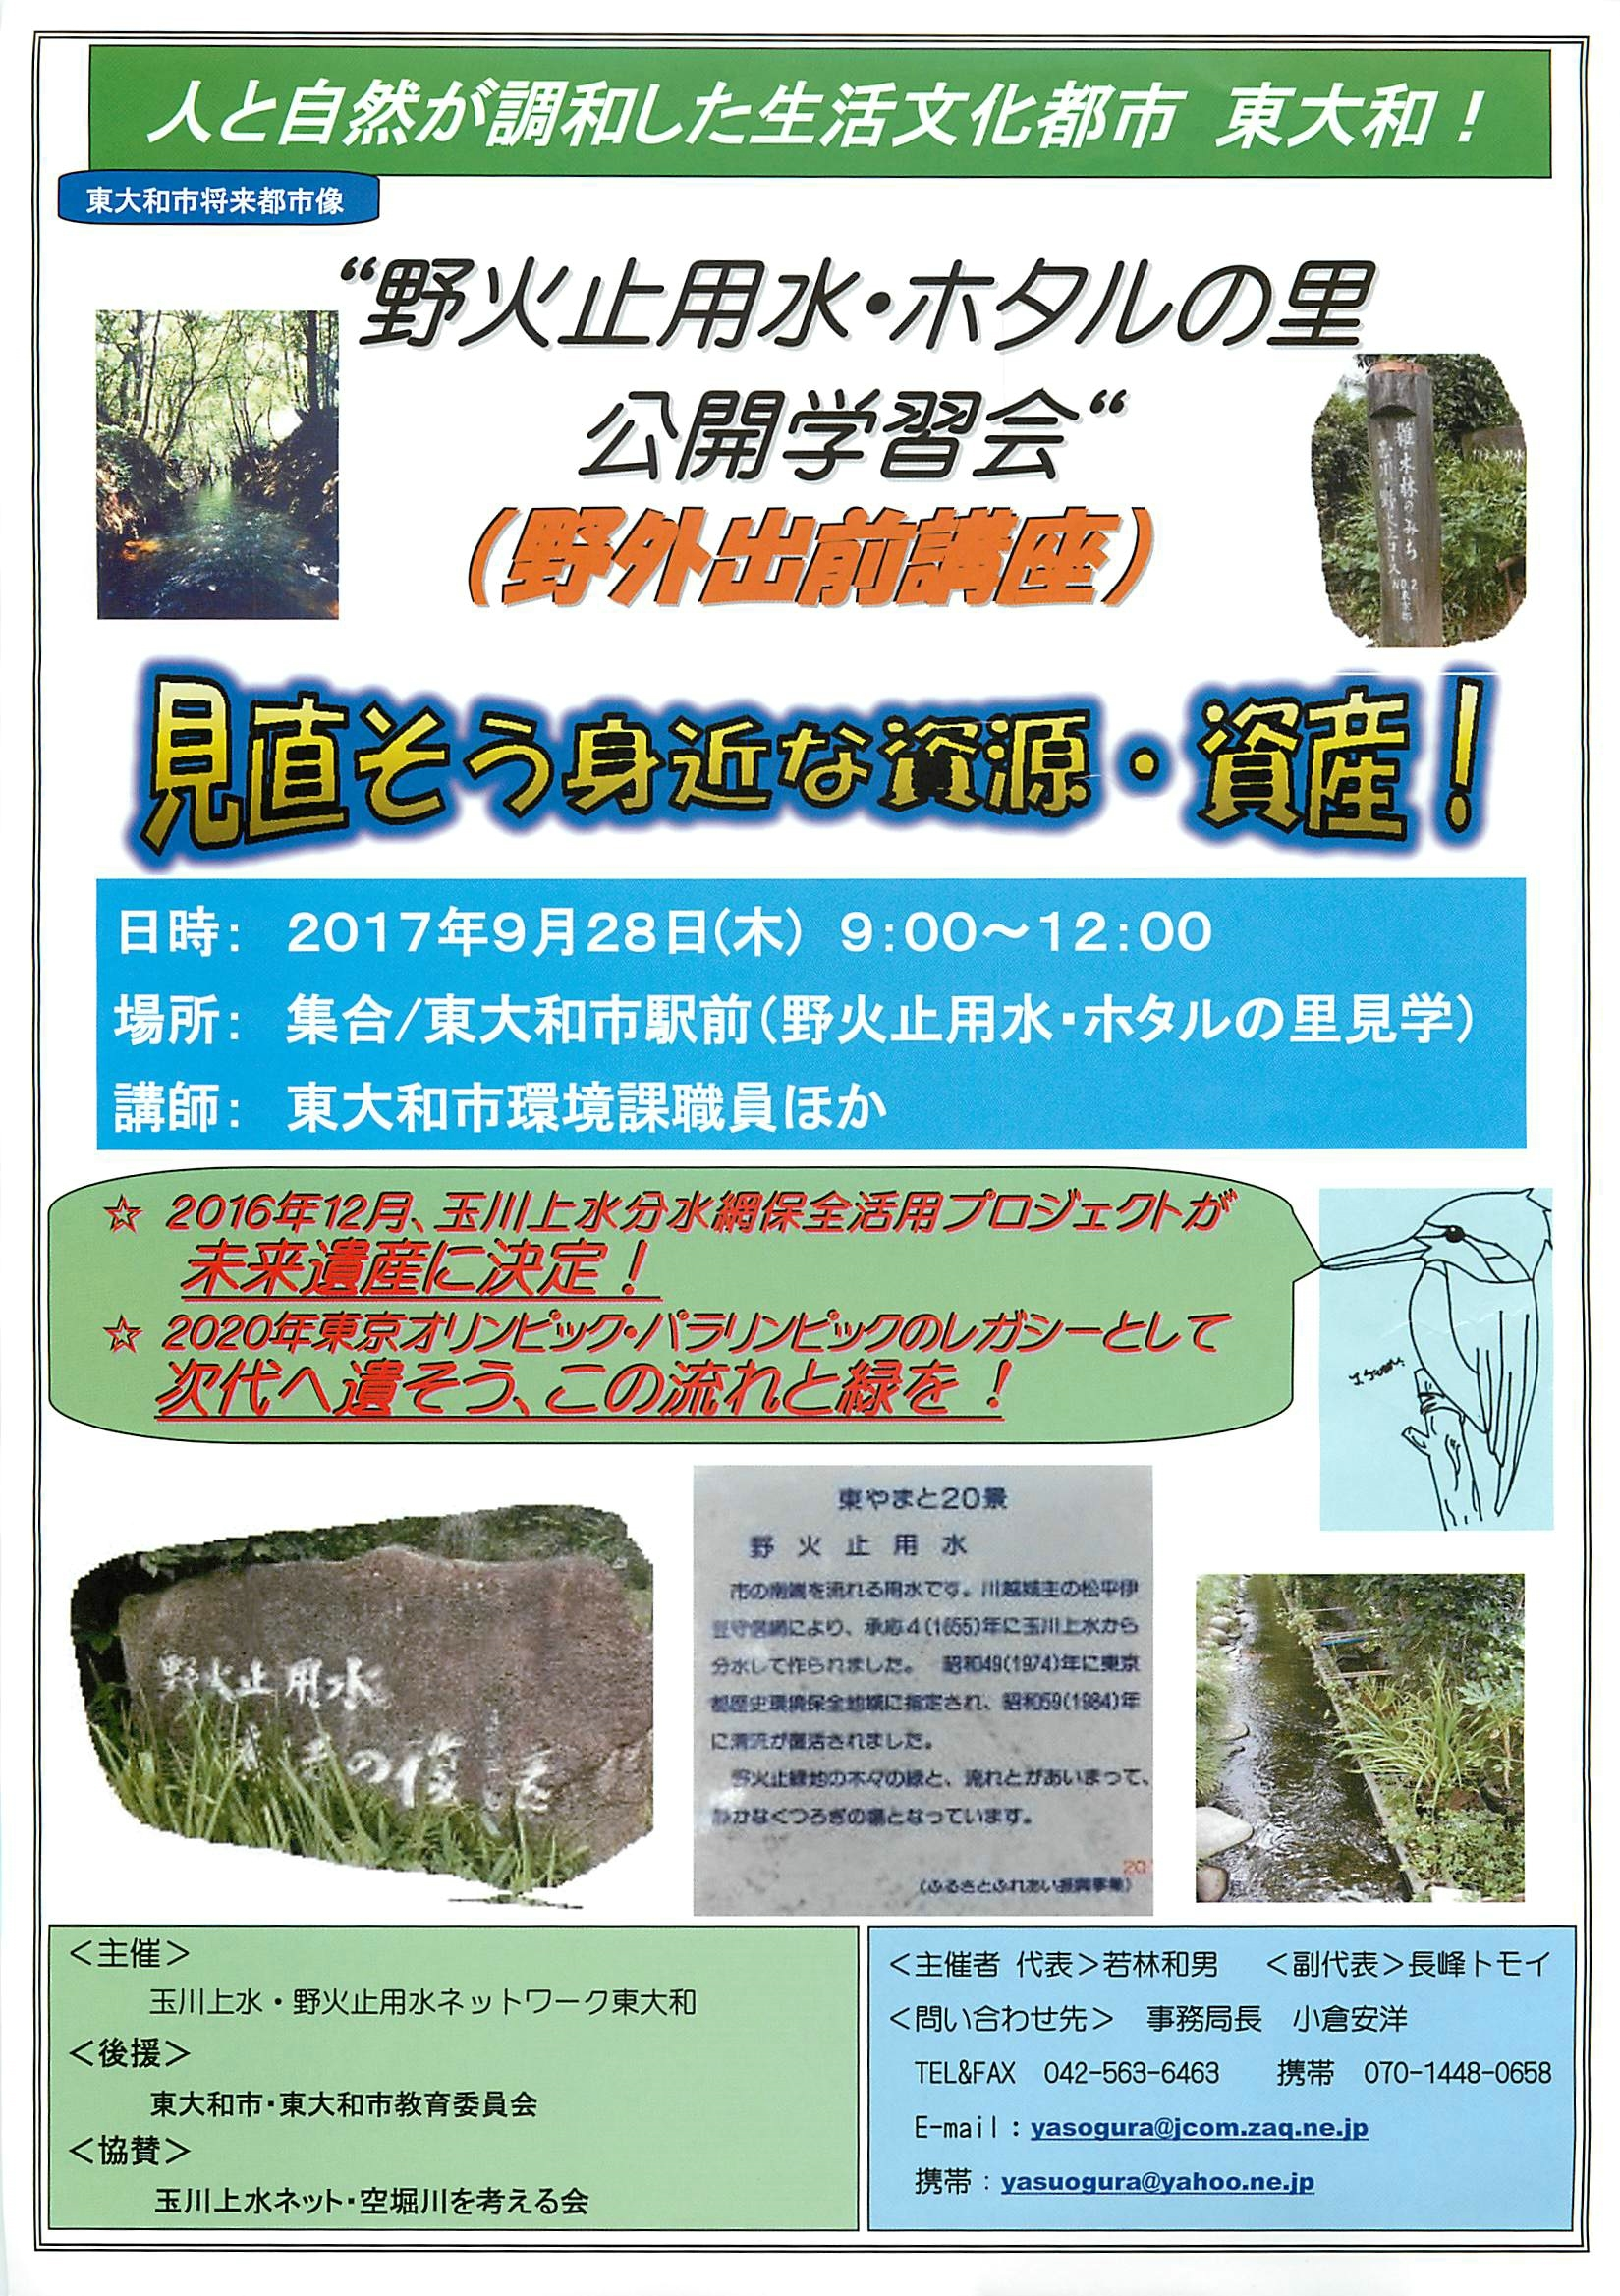 20170928野火止公開学習会